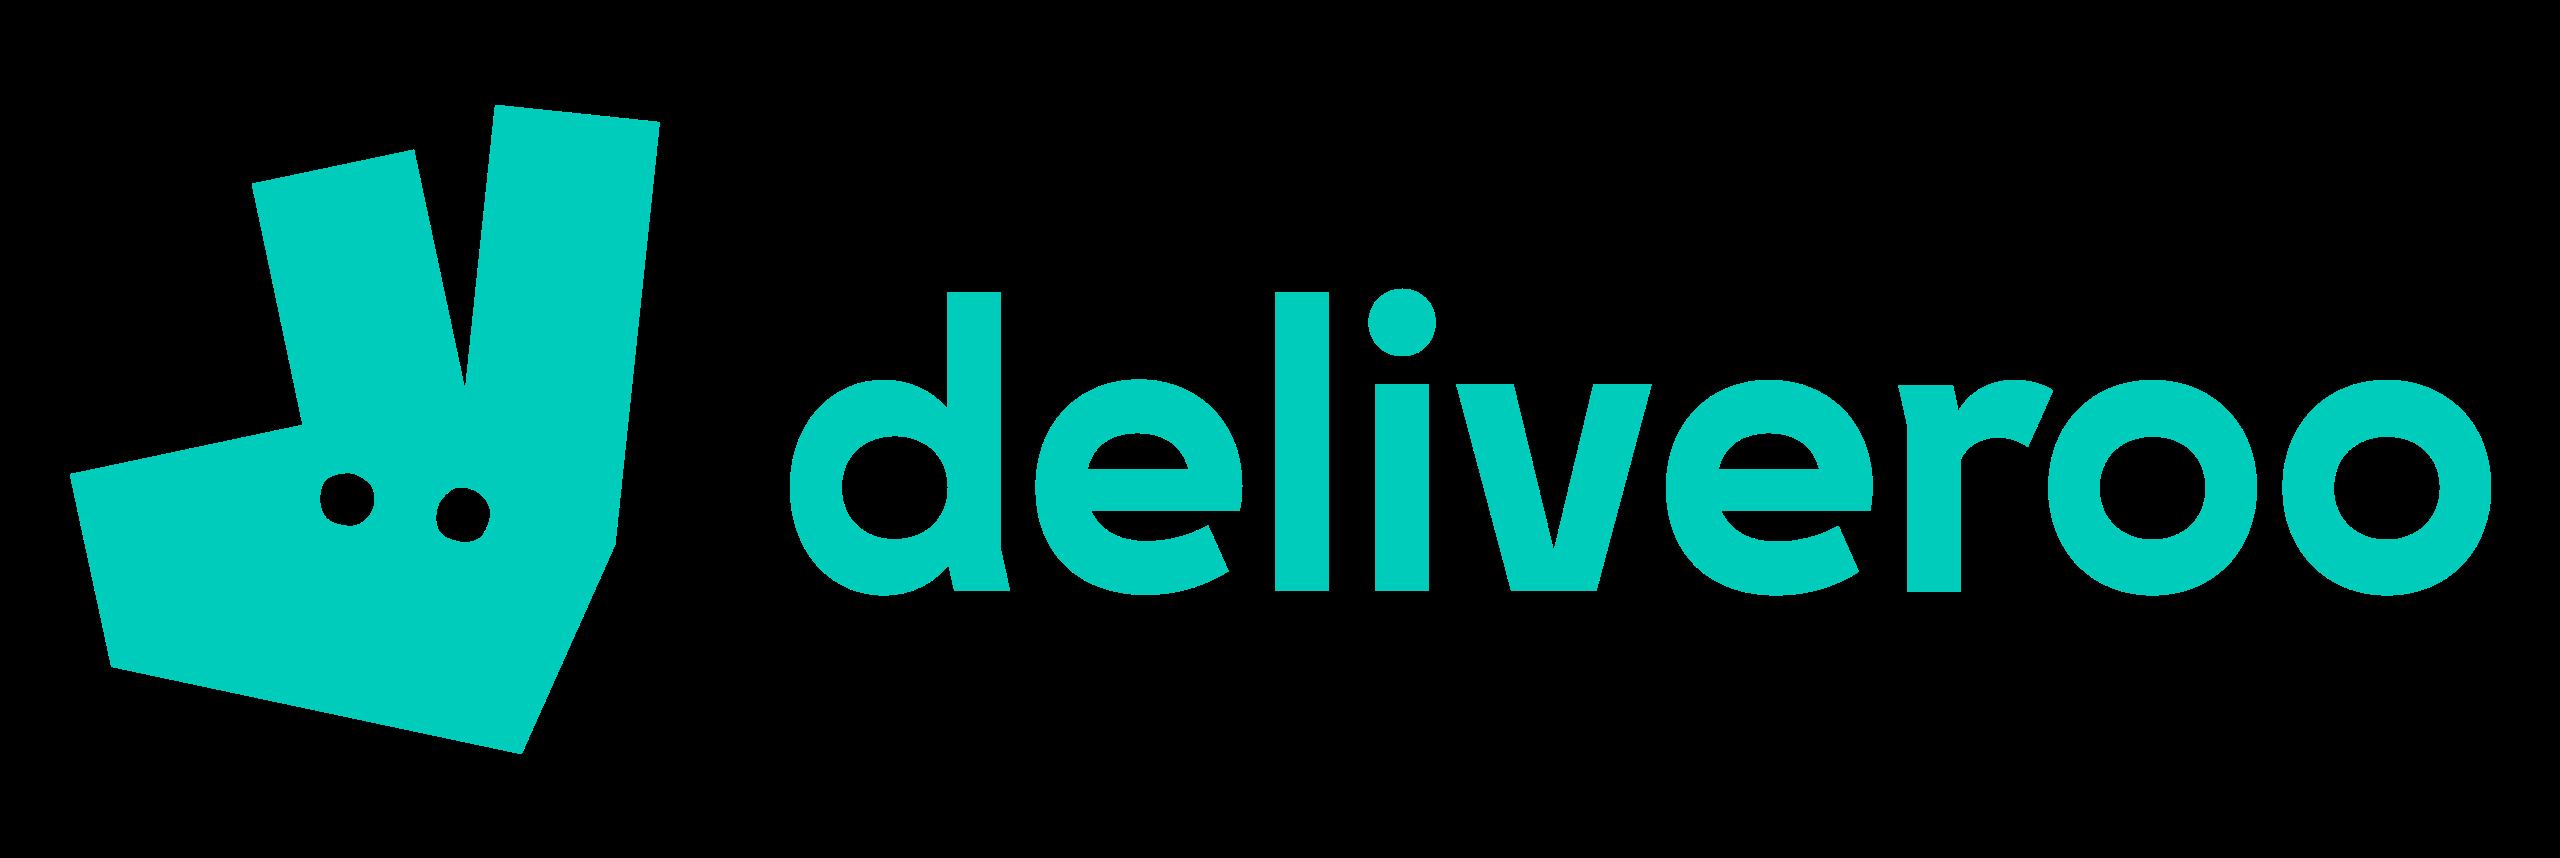 Facture Deliveroo : Comment l'obtenir ? Okarito